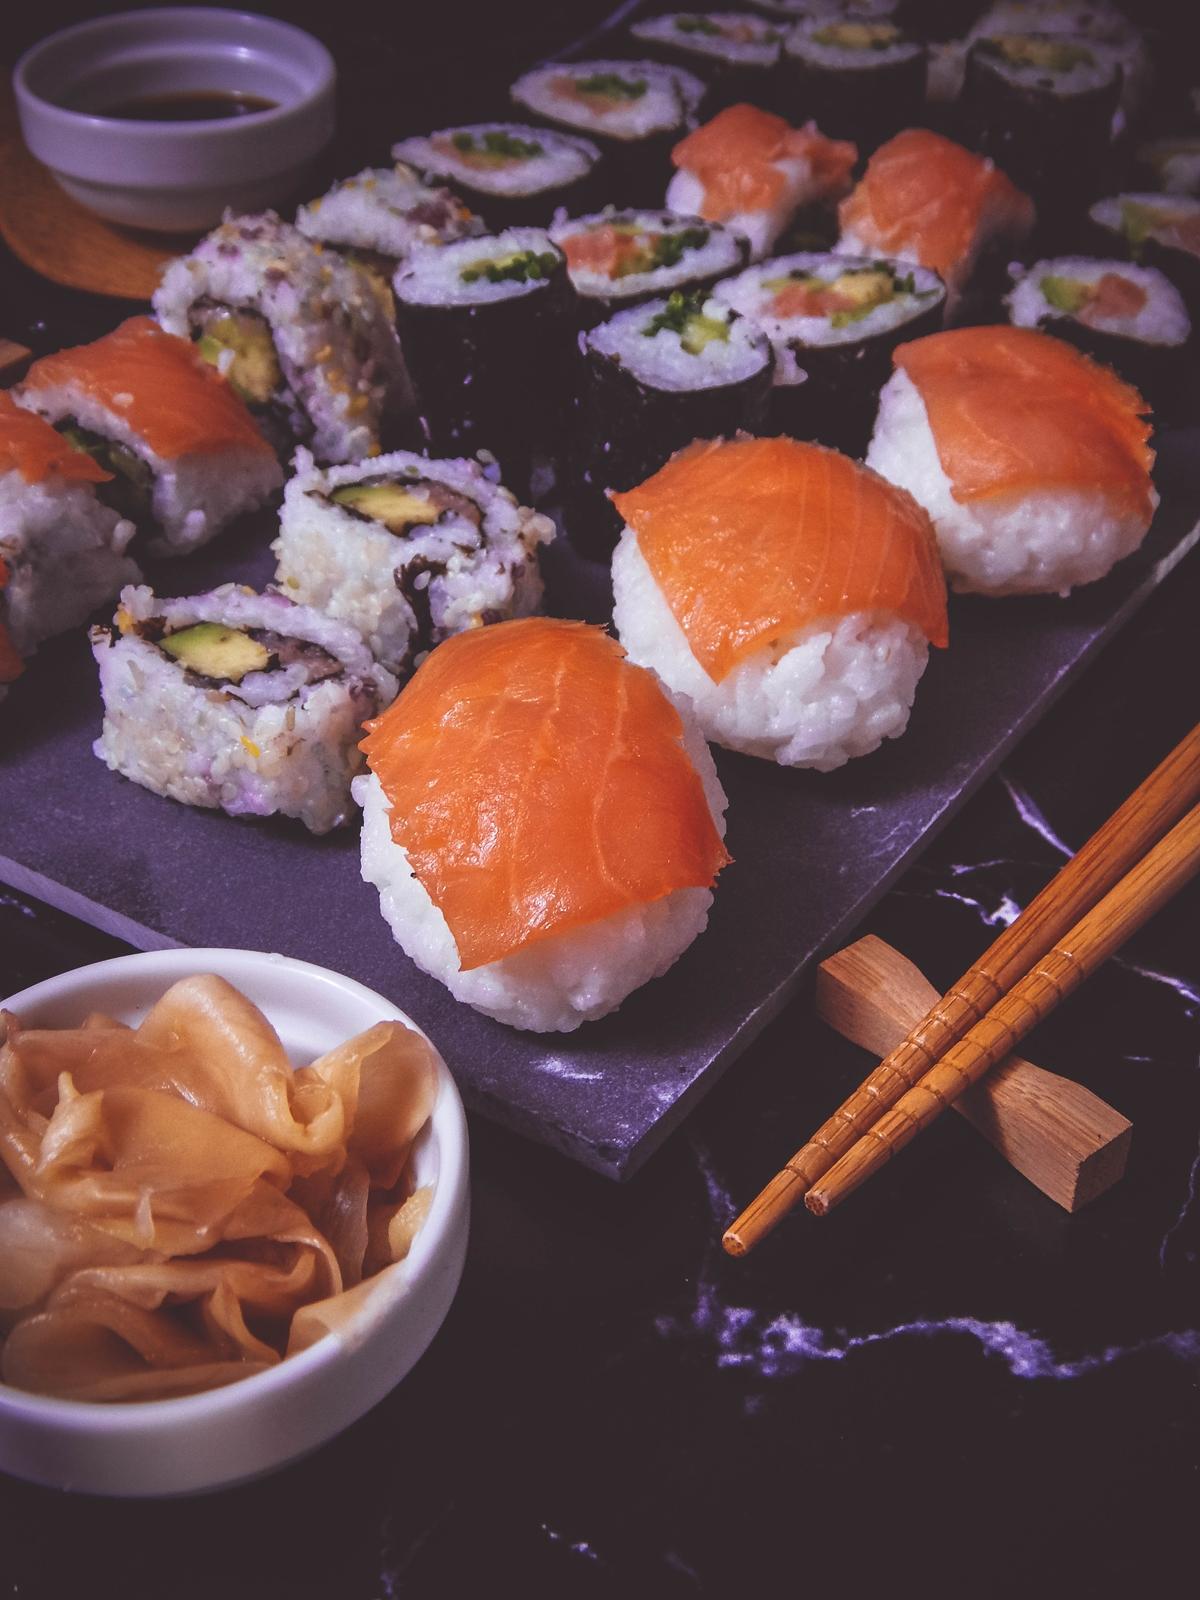 przepis na sushi jak zrobić sushi sushi bez surowej ryby z wędzonym łososiem dragon sushi przepis pomysły rodzaje sushi blog kulinarny melodylaniella łódź blogerka łódzka